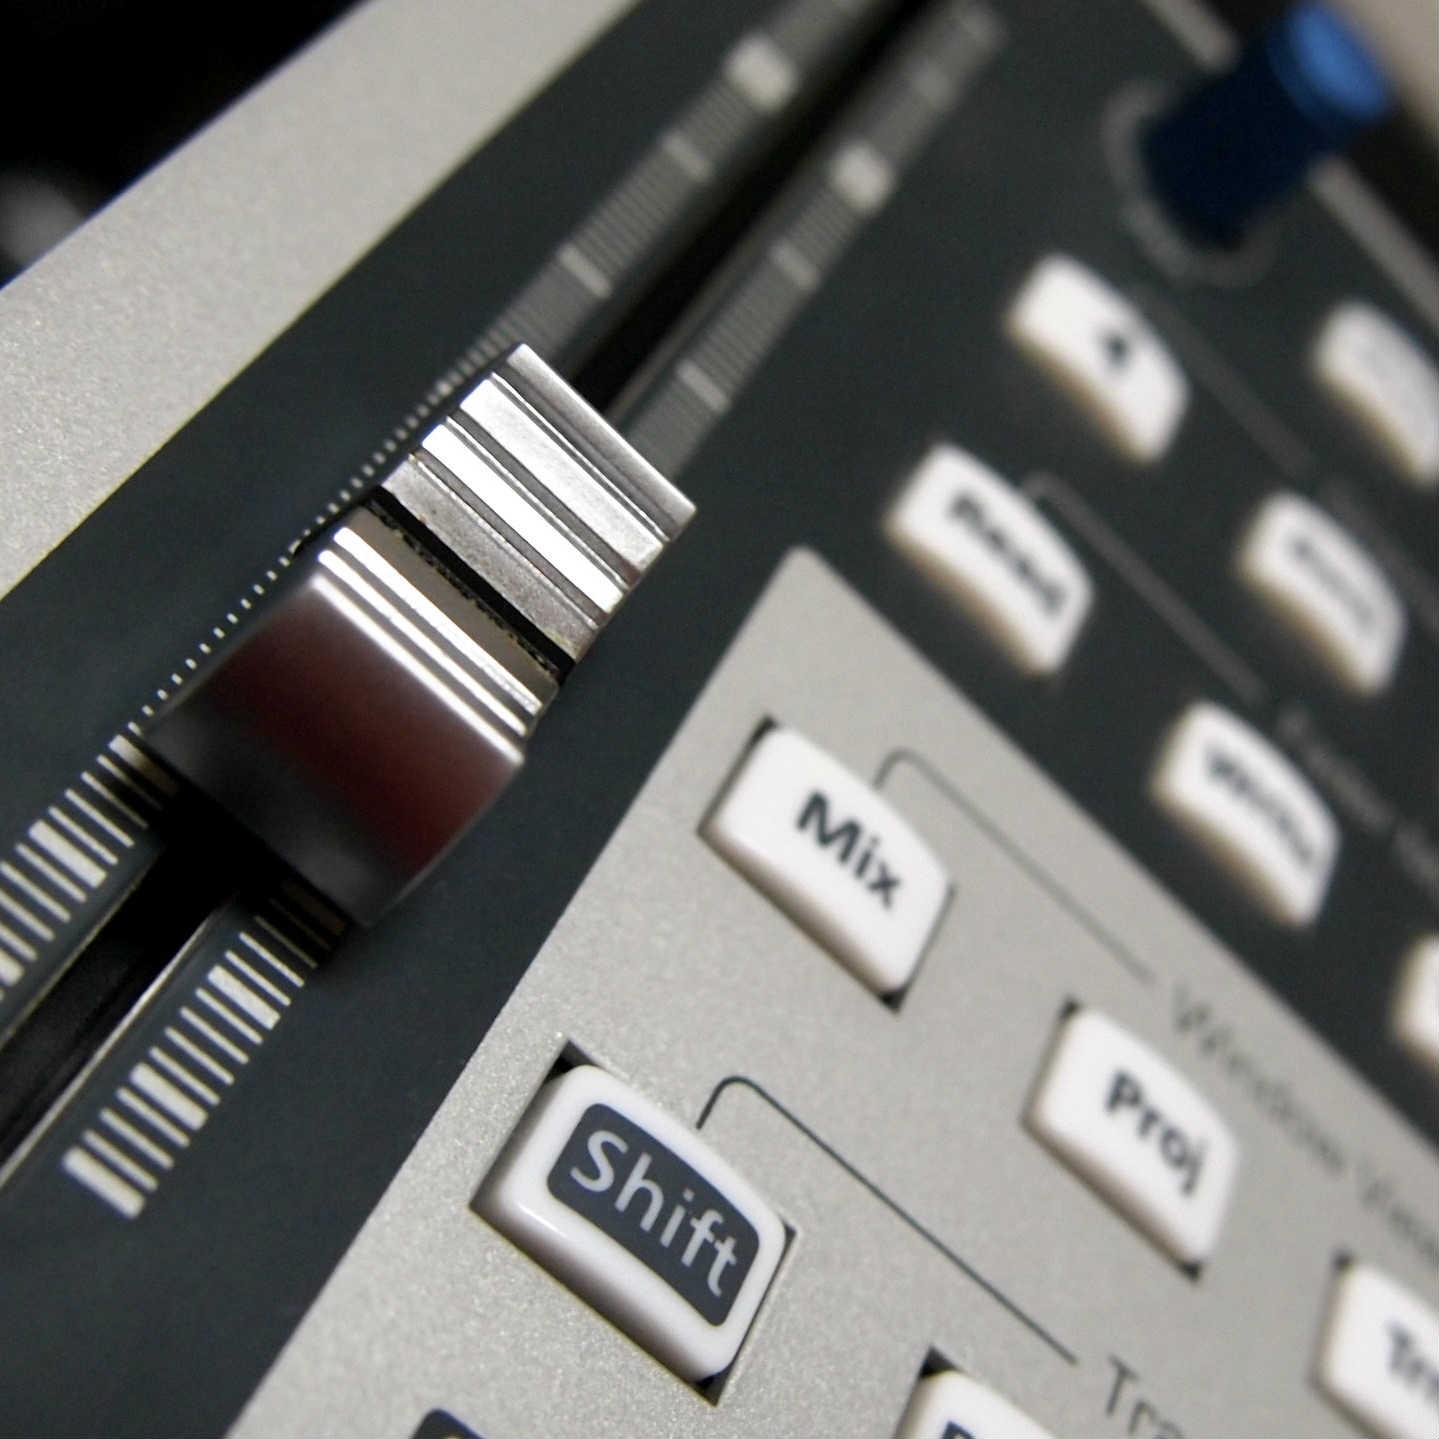 フェーダーで直感的にボリュームを操作できるフィジカルコントローラー、PreSonus 『FADERPORT』レビュー